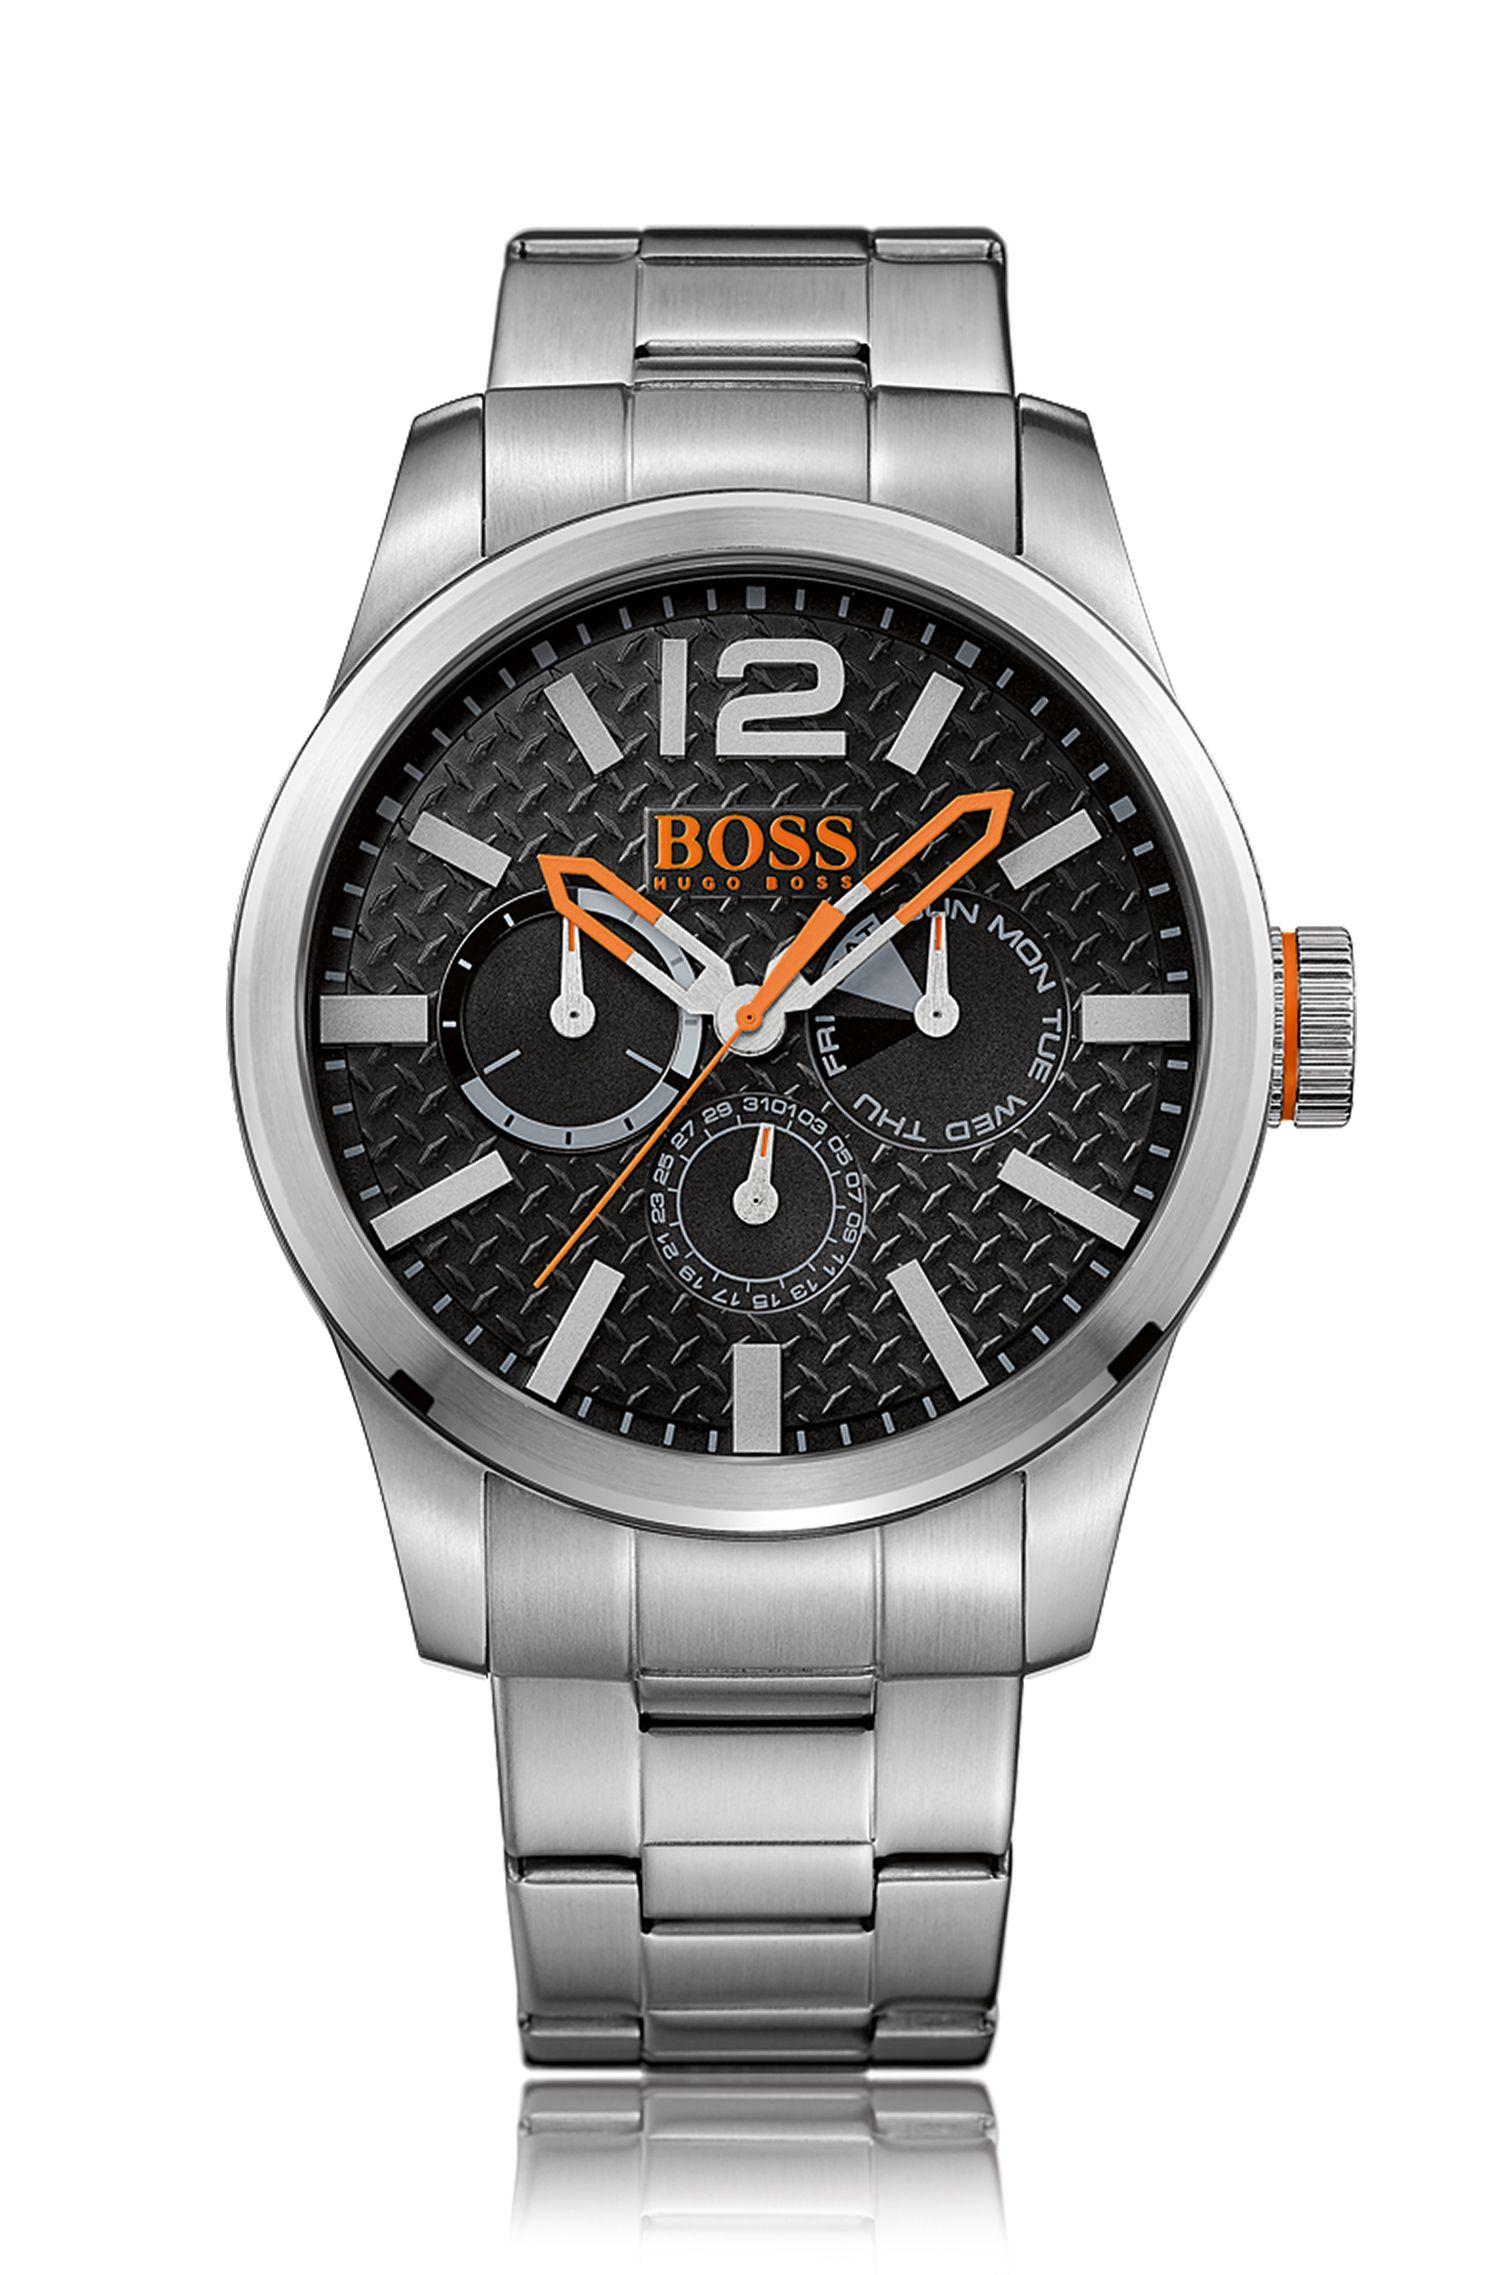 Reloj de acero inoxidable cepillado con varios indicadores, pulsera y esfera con textura